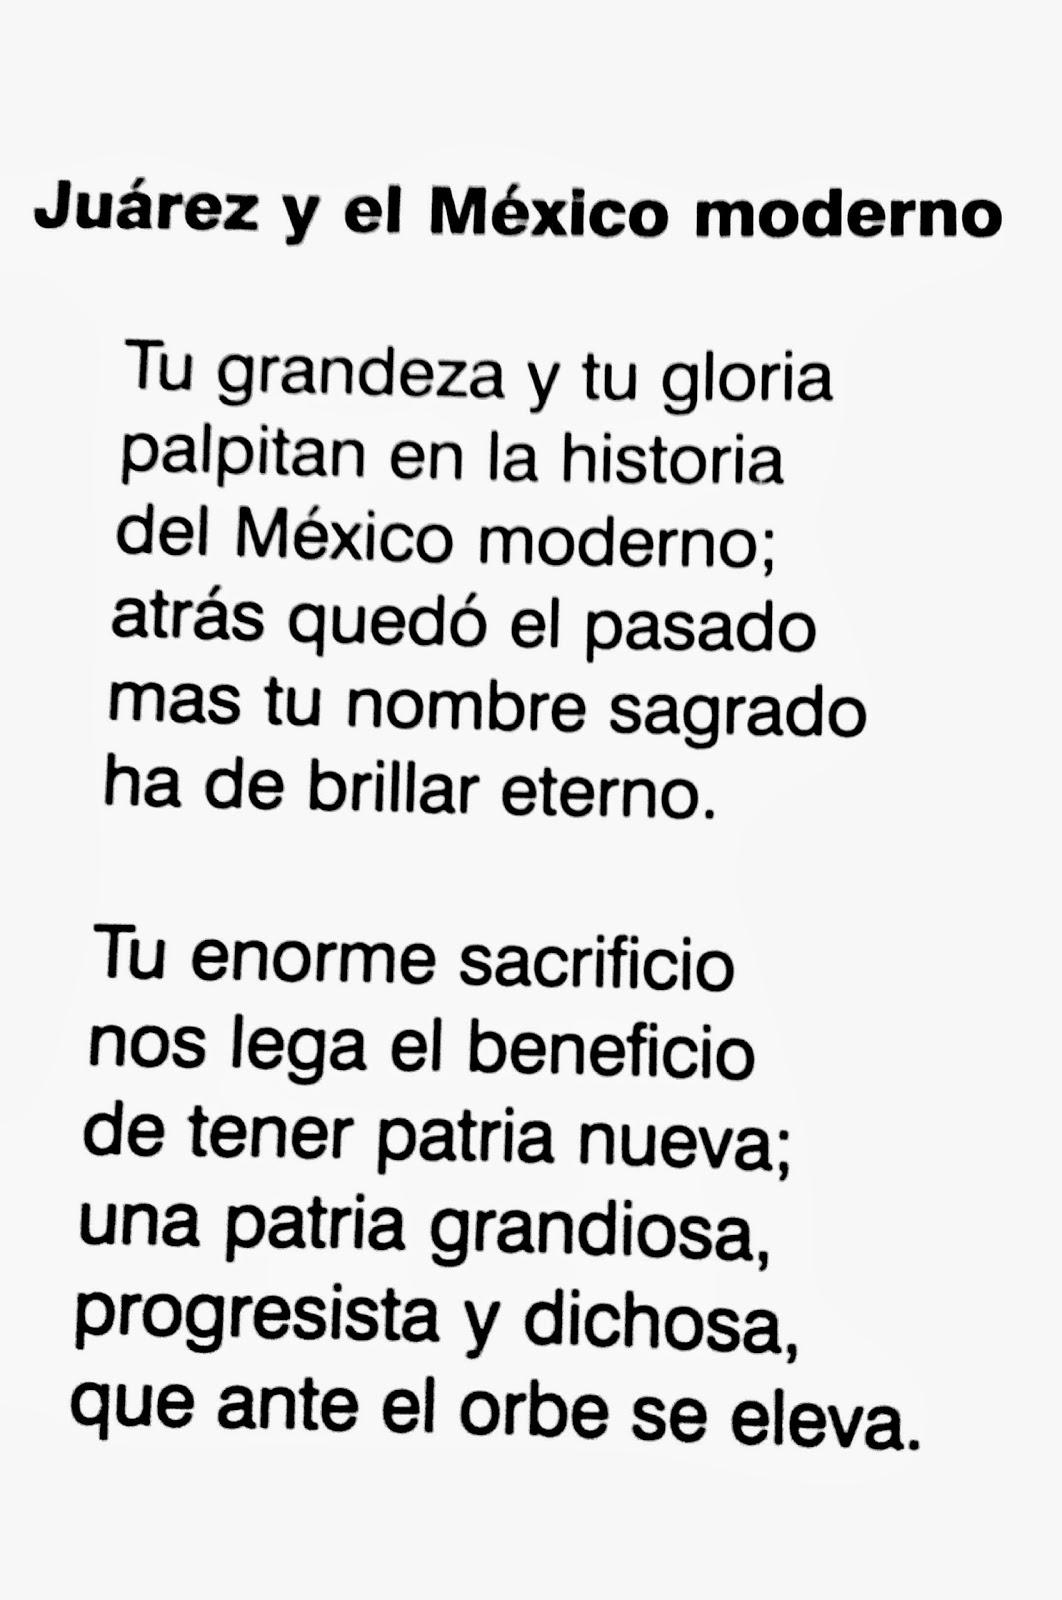 Poesía a Juarez y el México moderno